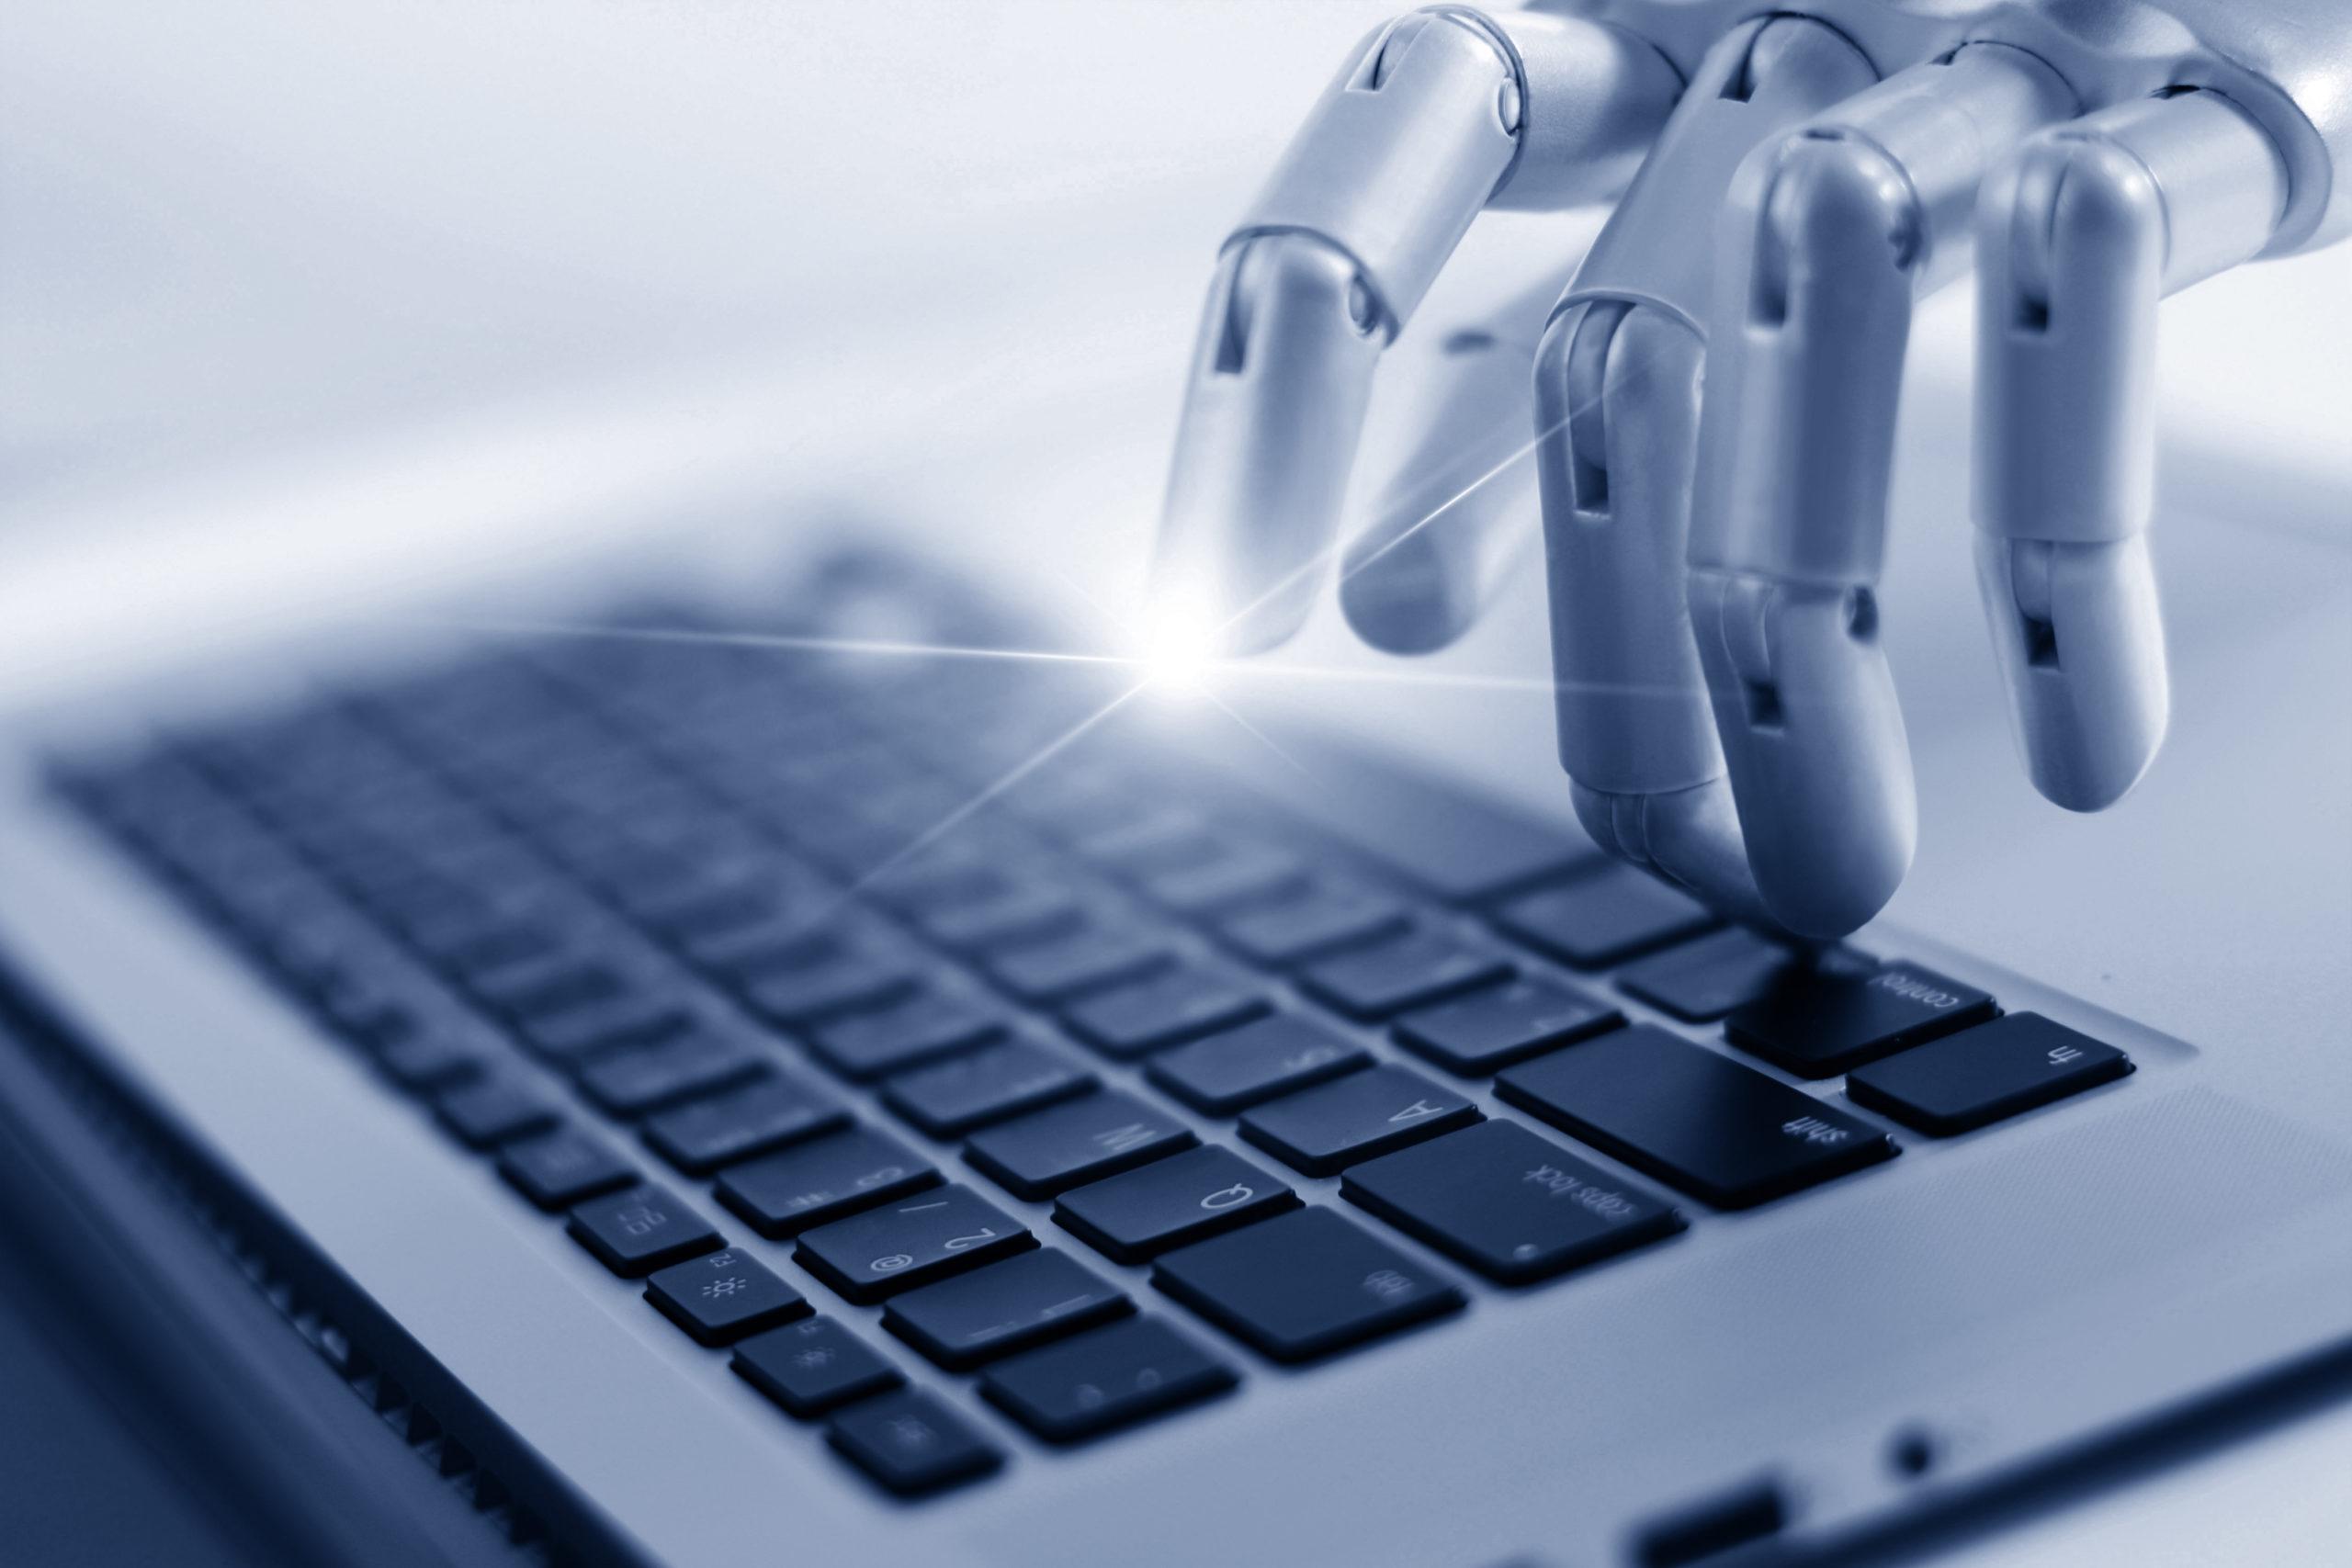 Robotics hånd på tastatur